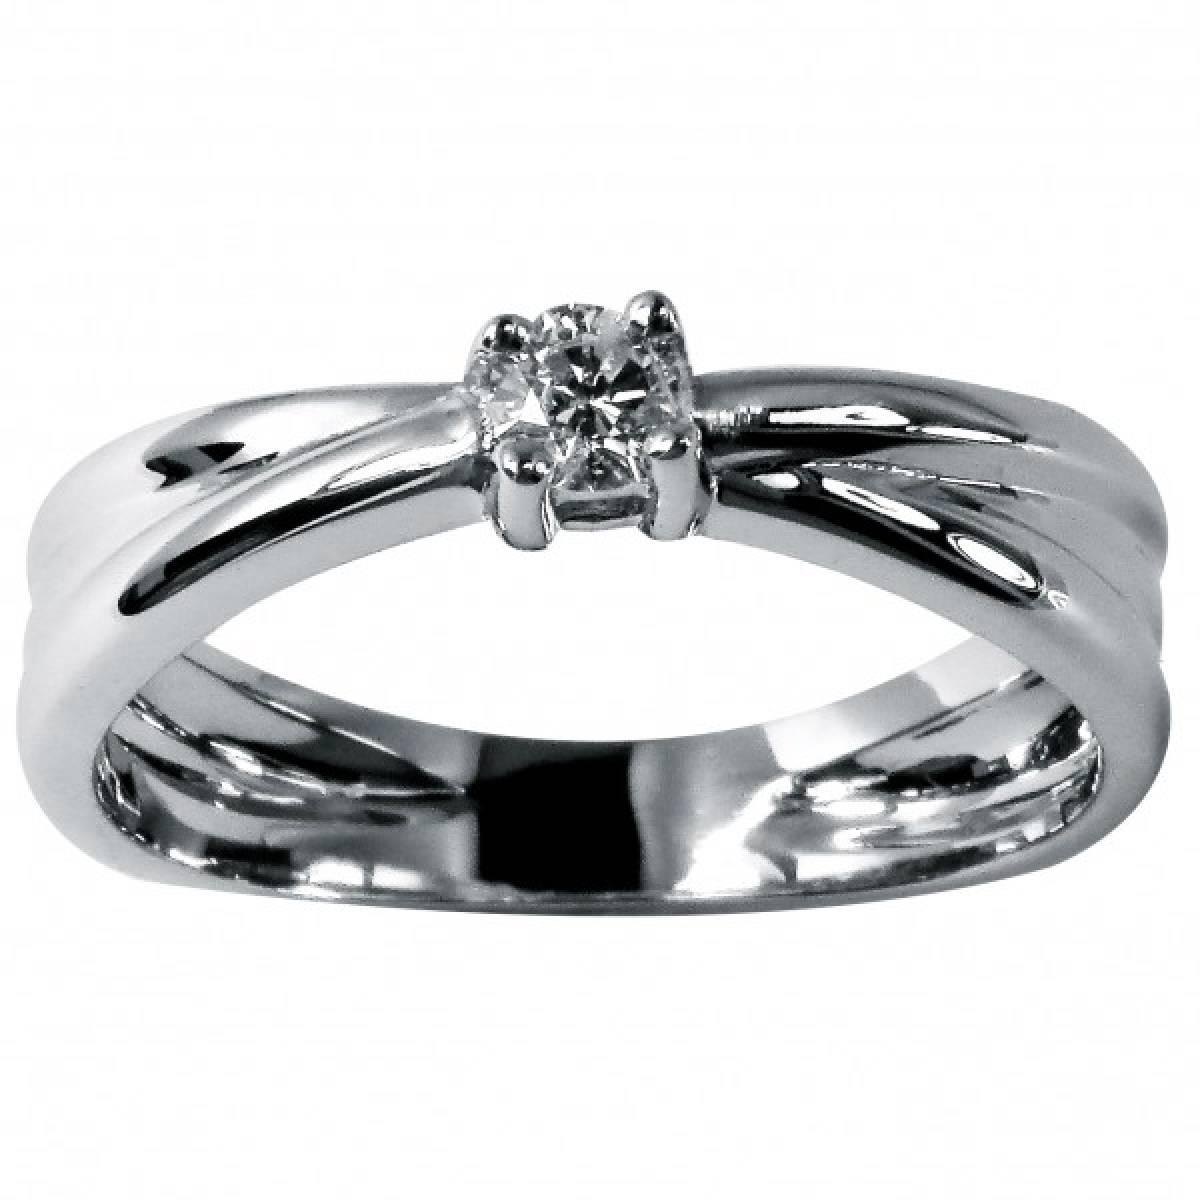 Anel de Noivado com diamante ou zircónia em ouro de 9 e 19 kts